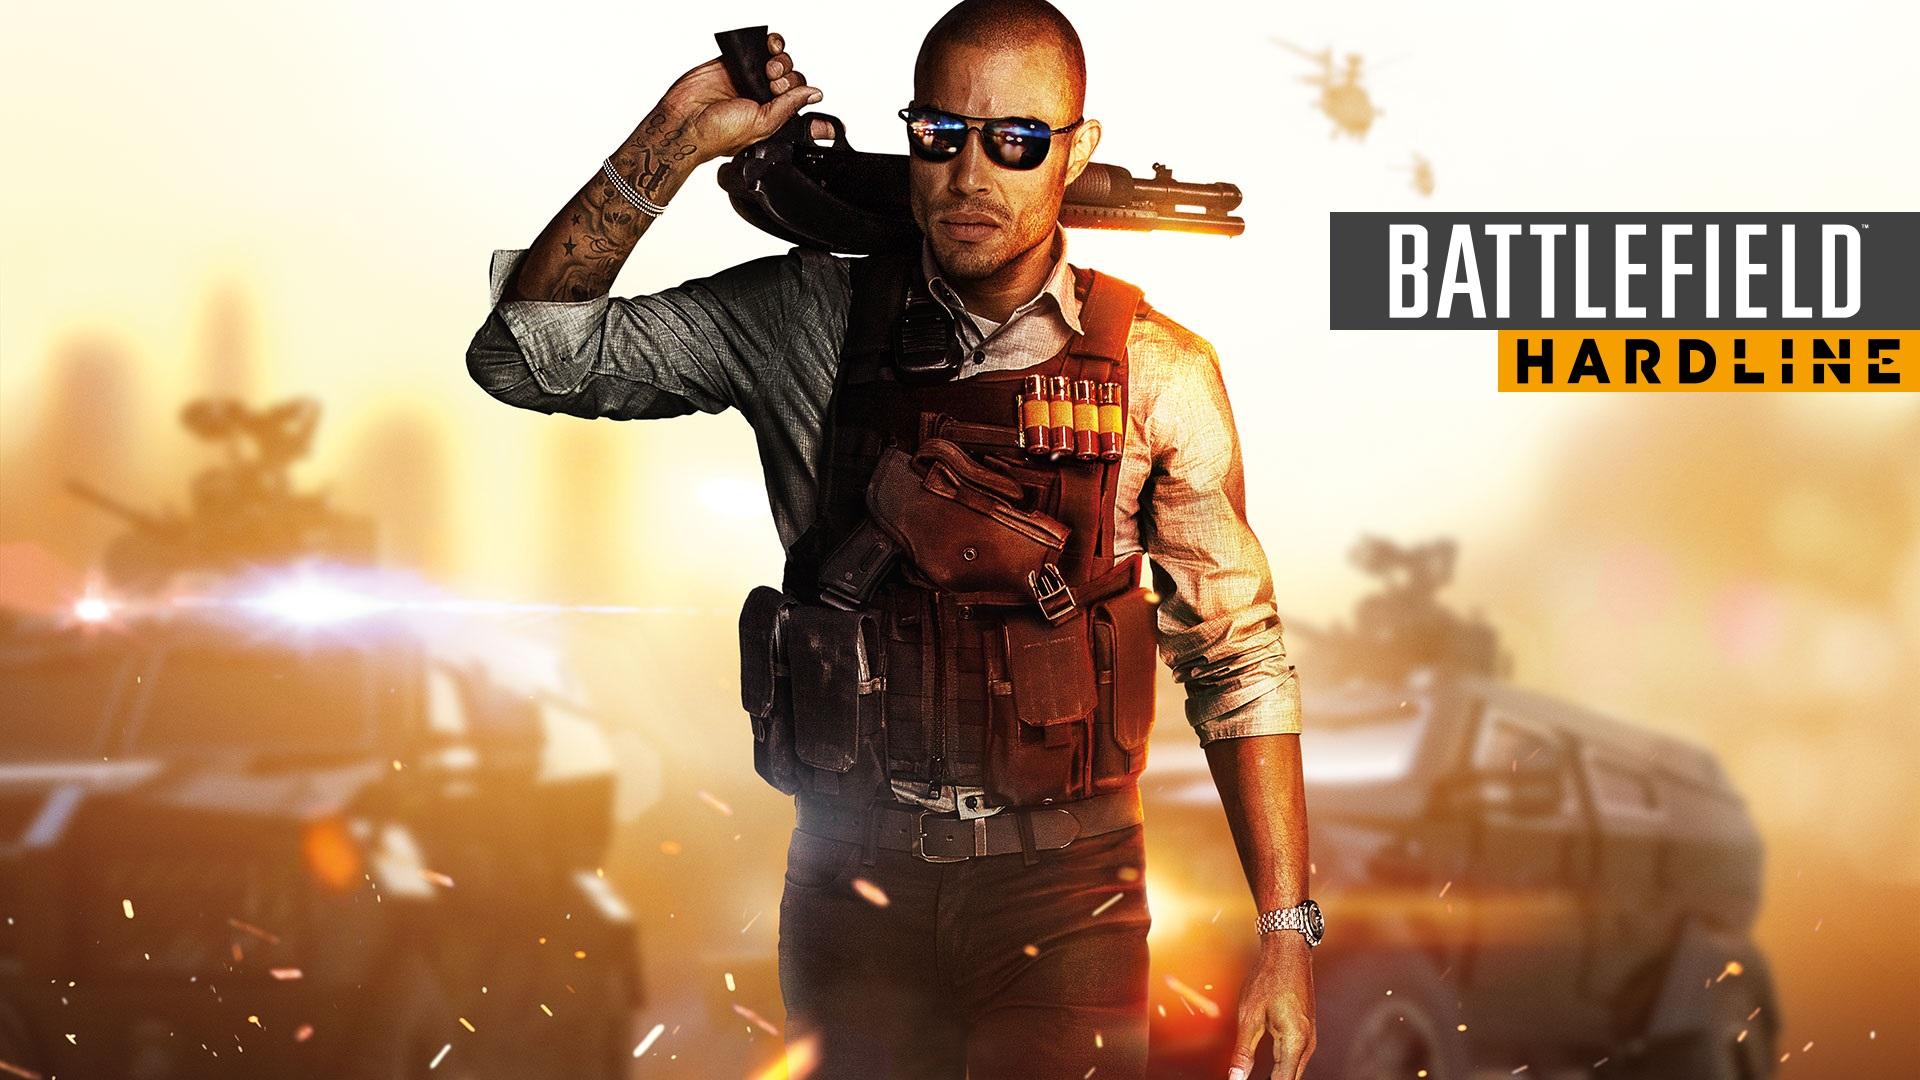 Battlefield Hardline Back Cover - Battlefield Hardline PNG